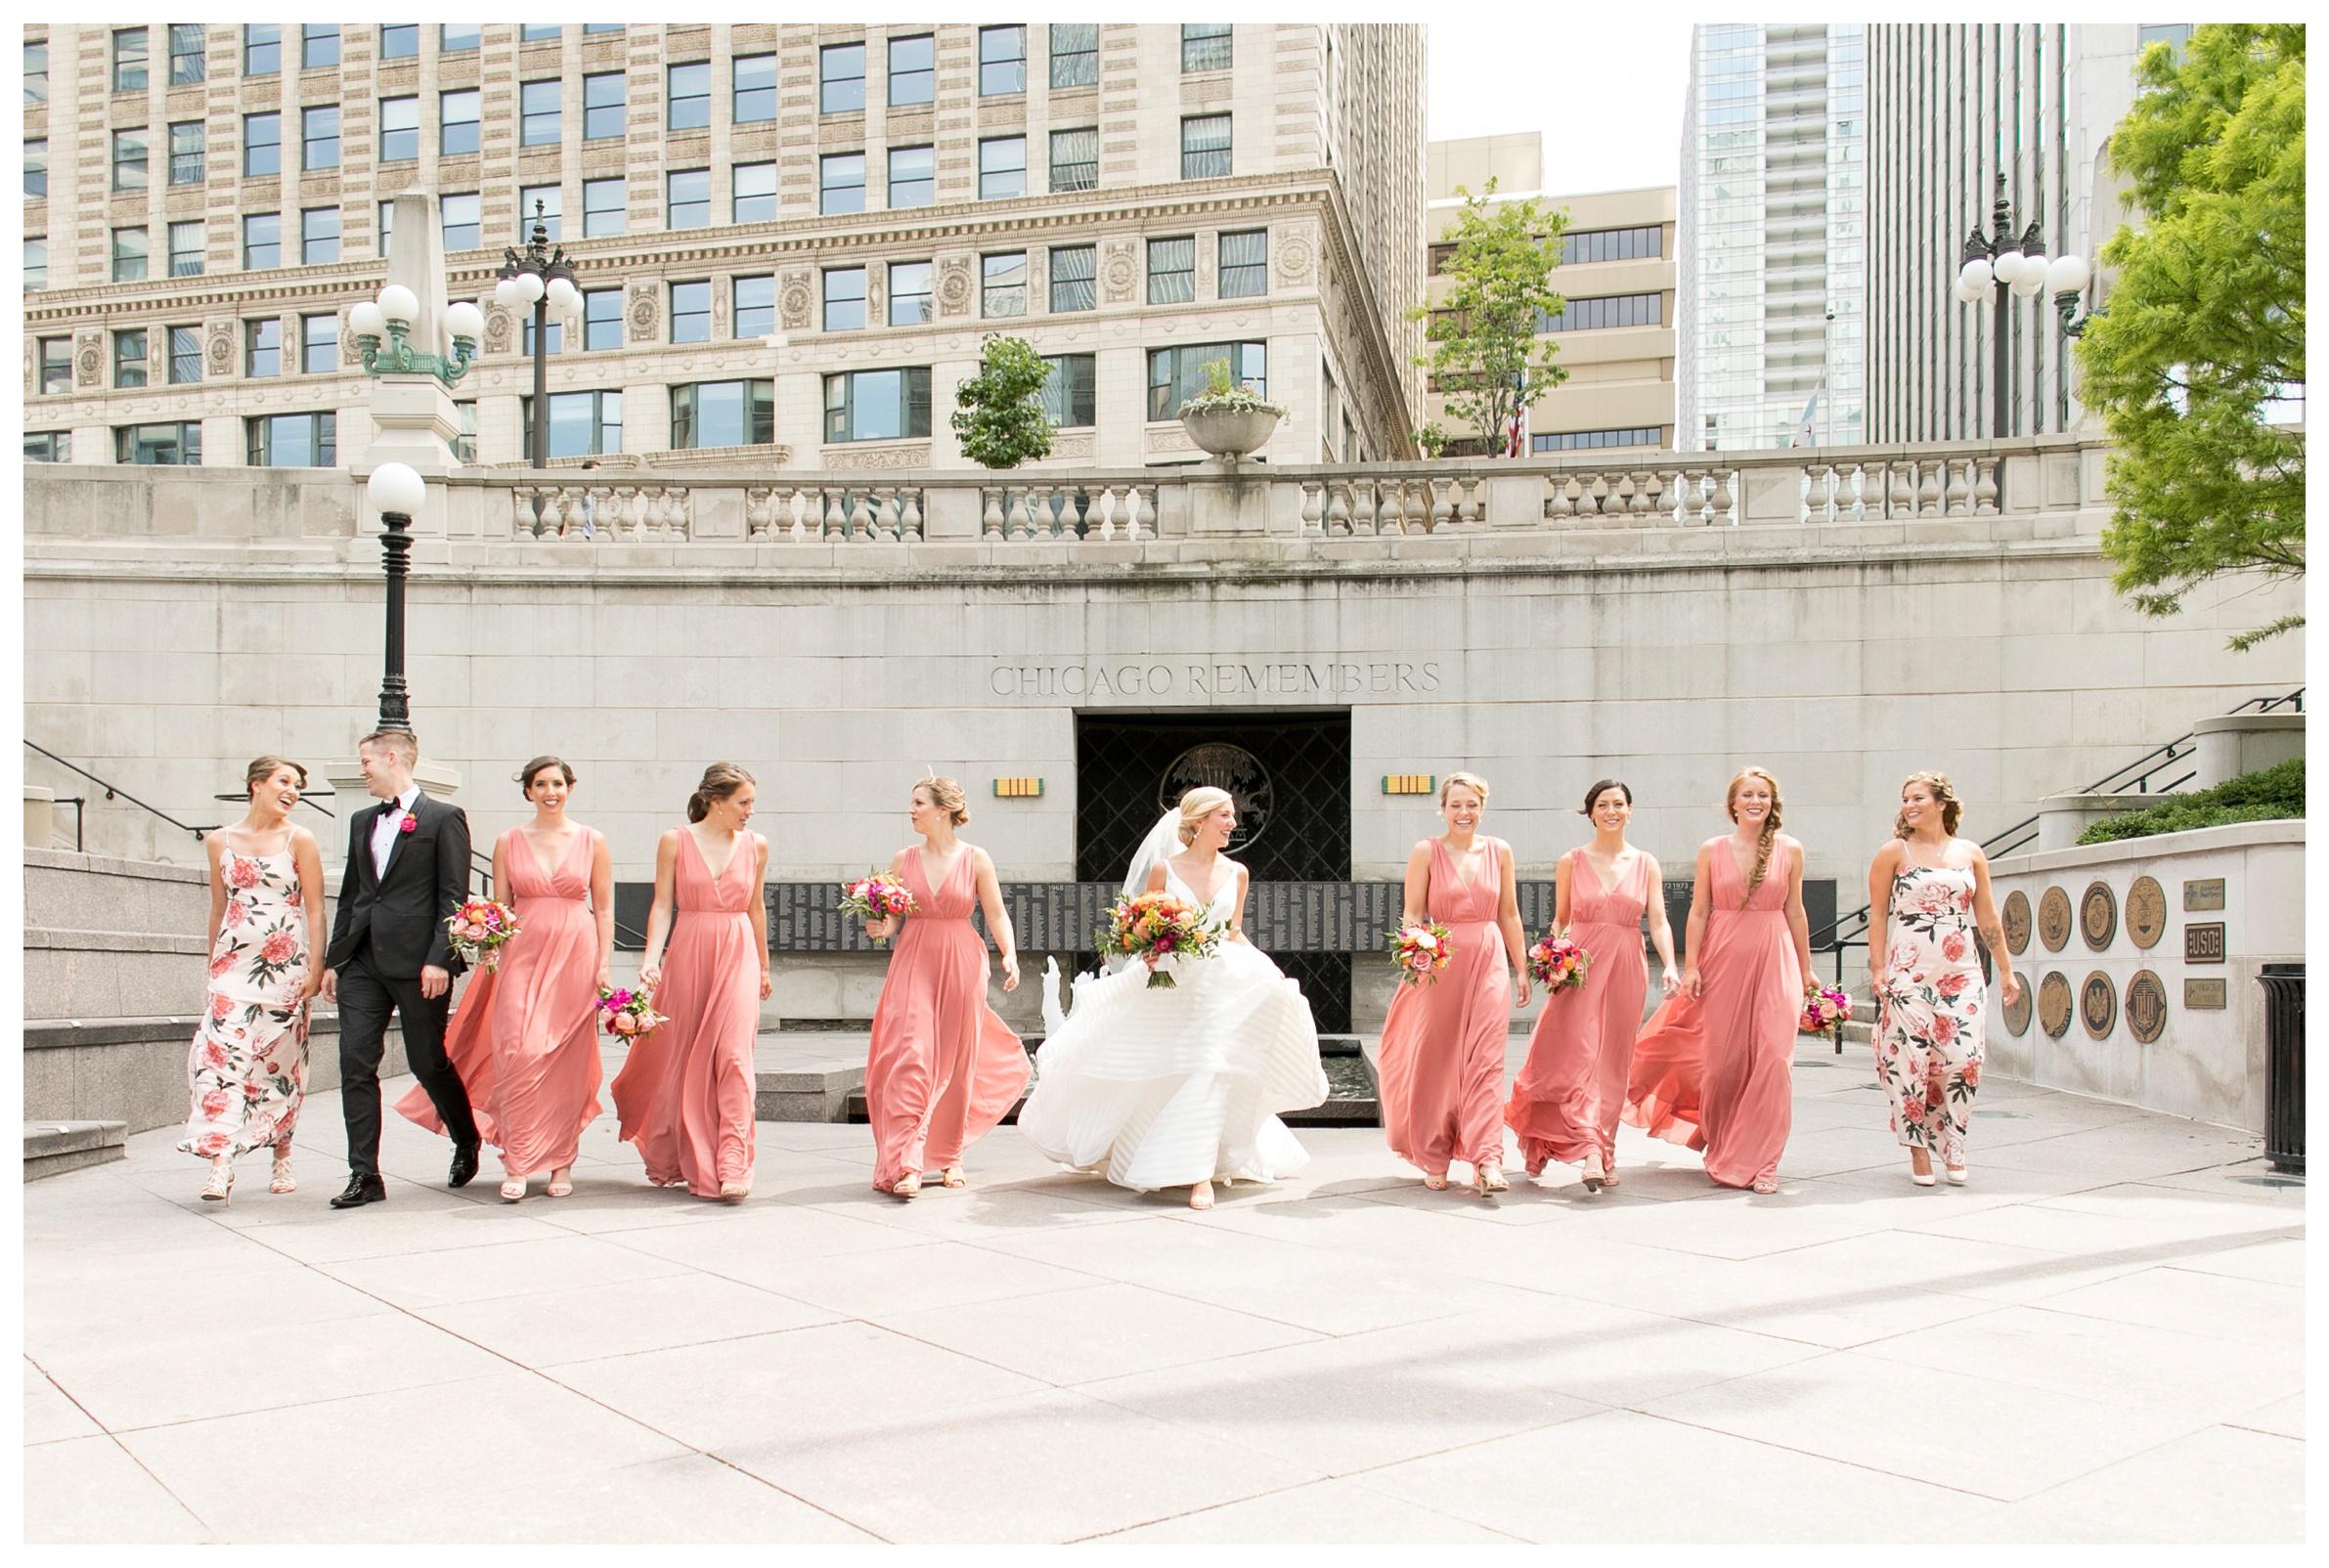 chicago-riverwalk-wedding-photos